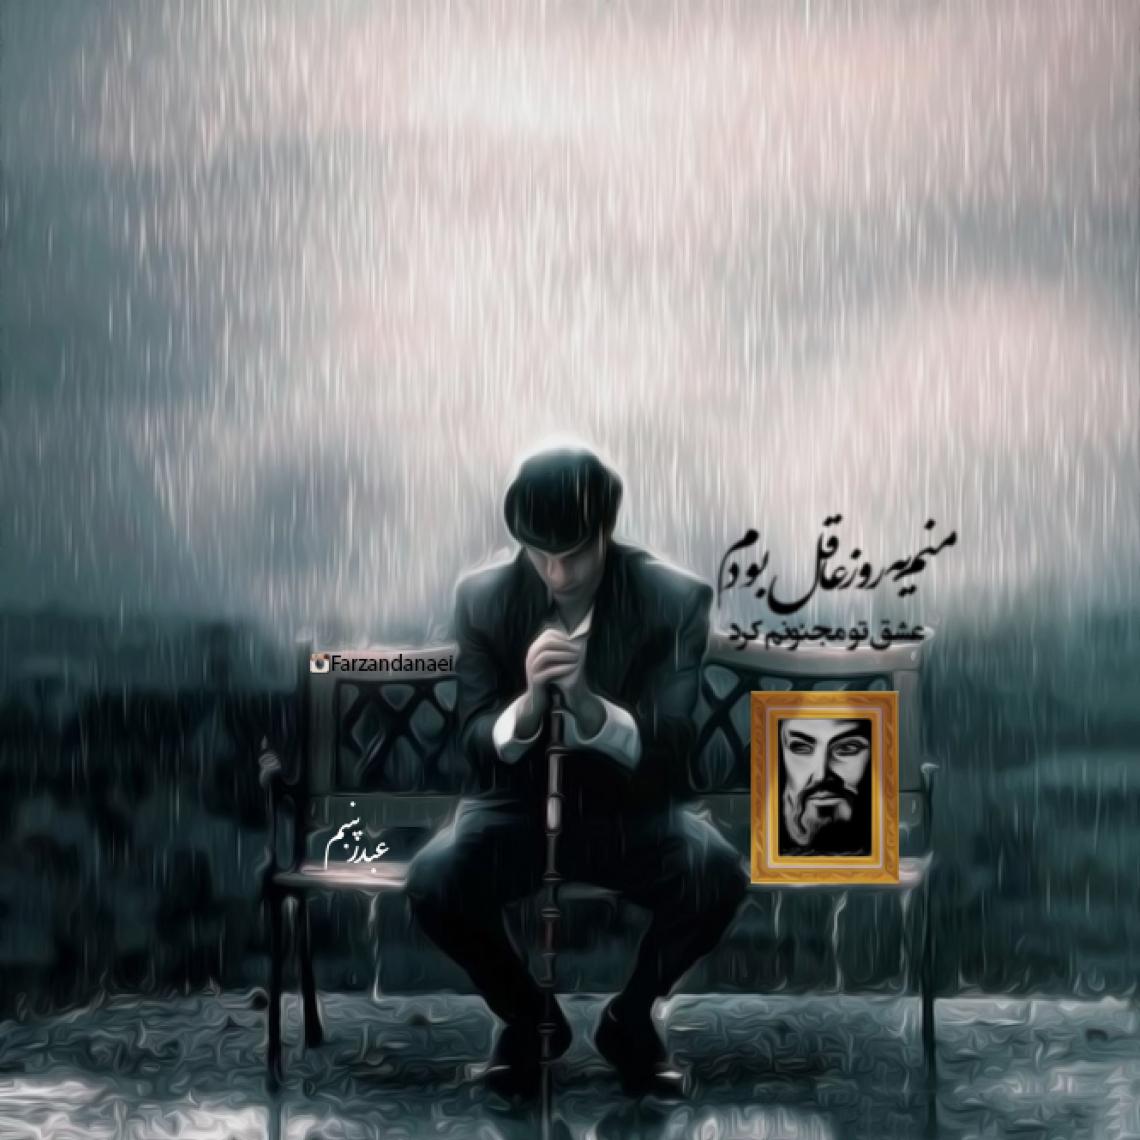 سوگواره چهارم-پوستر 7-فرزان  دانادیمان-پوستر عاشورایی